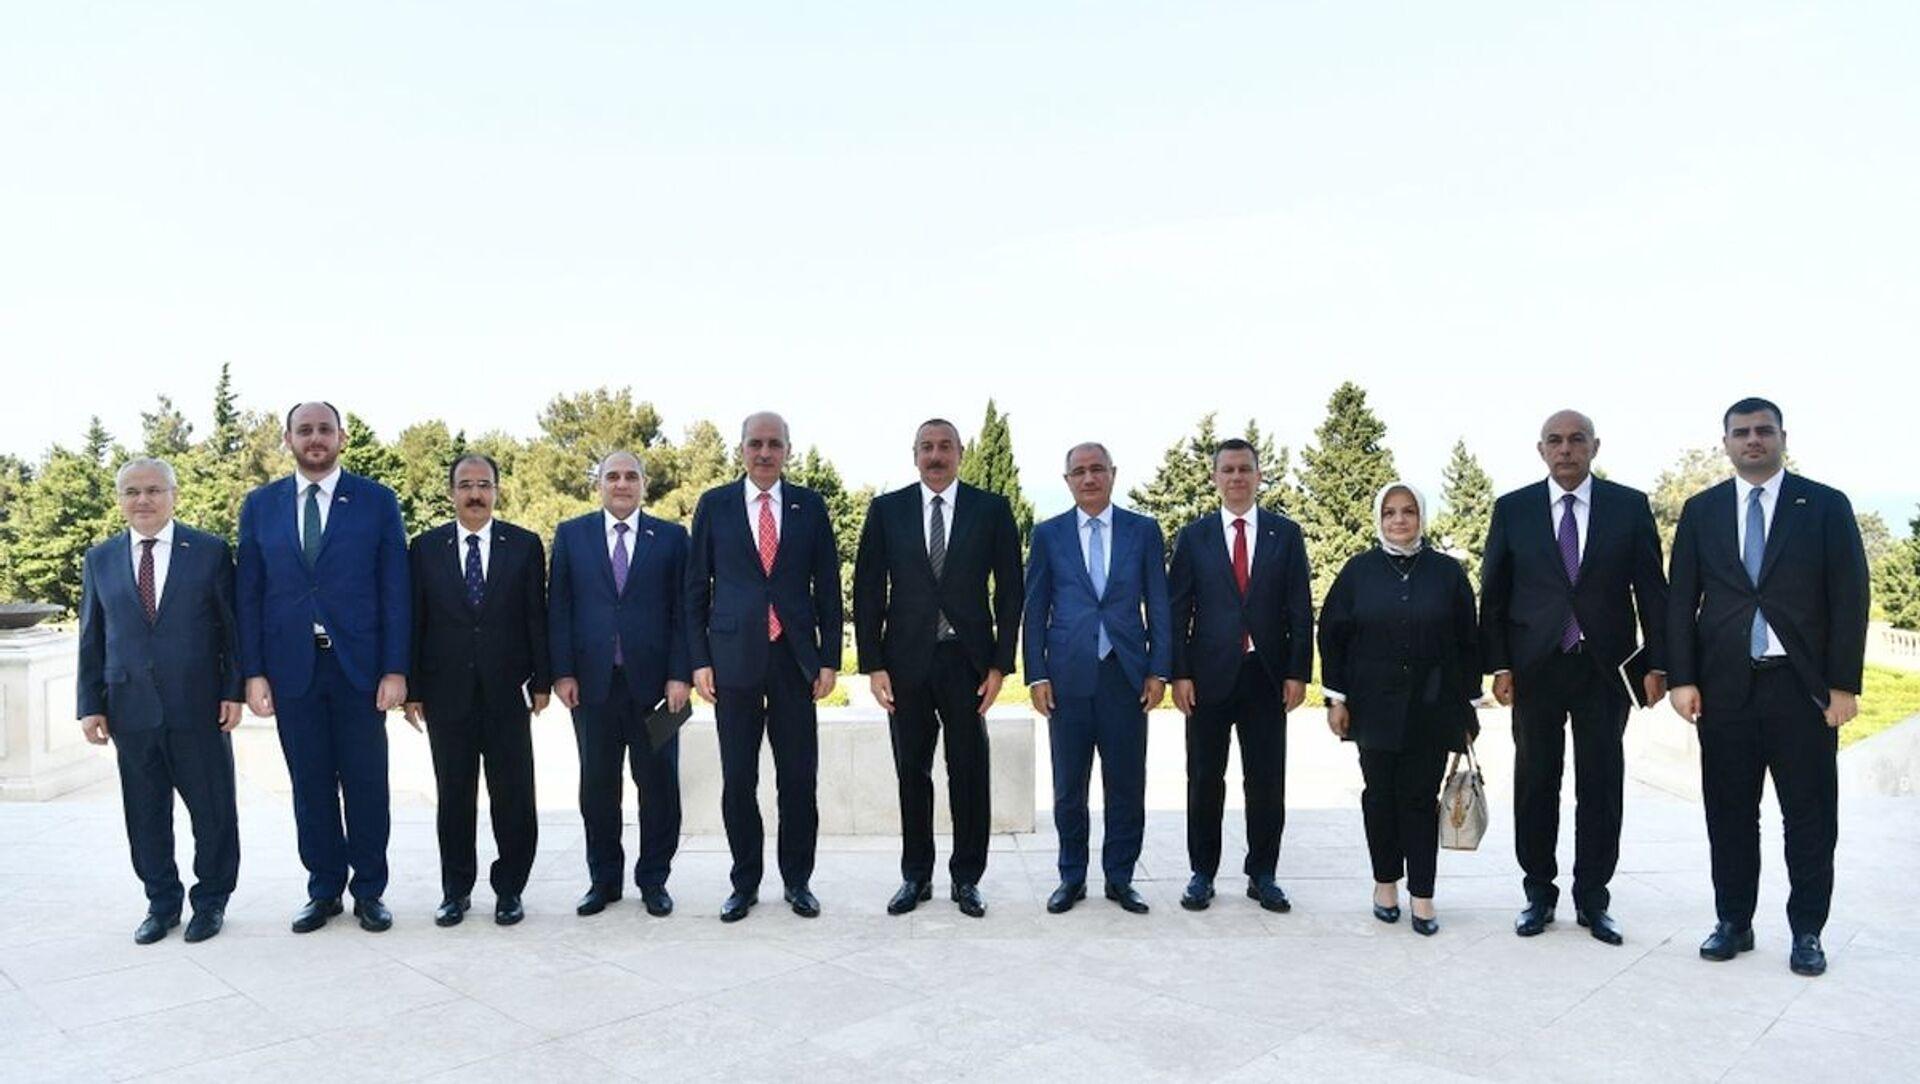 Президент Азербайджана Ильхам Алиев в понедельник, 26 июля, принял делегацию во главе с первым заместителем председателя Партии справедливости и развития Турции Нуманом Куртулмушем - Sputnik Азербайджан, 1920, 26.07.2021